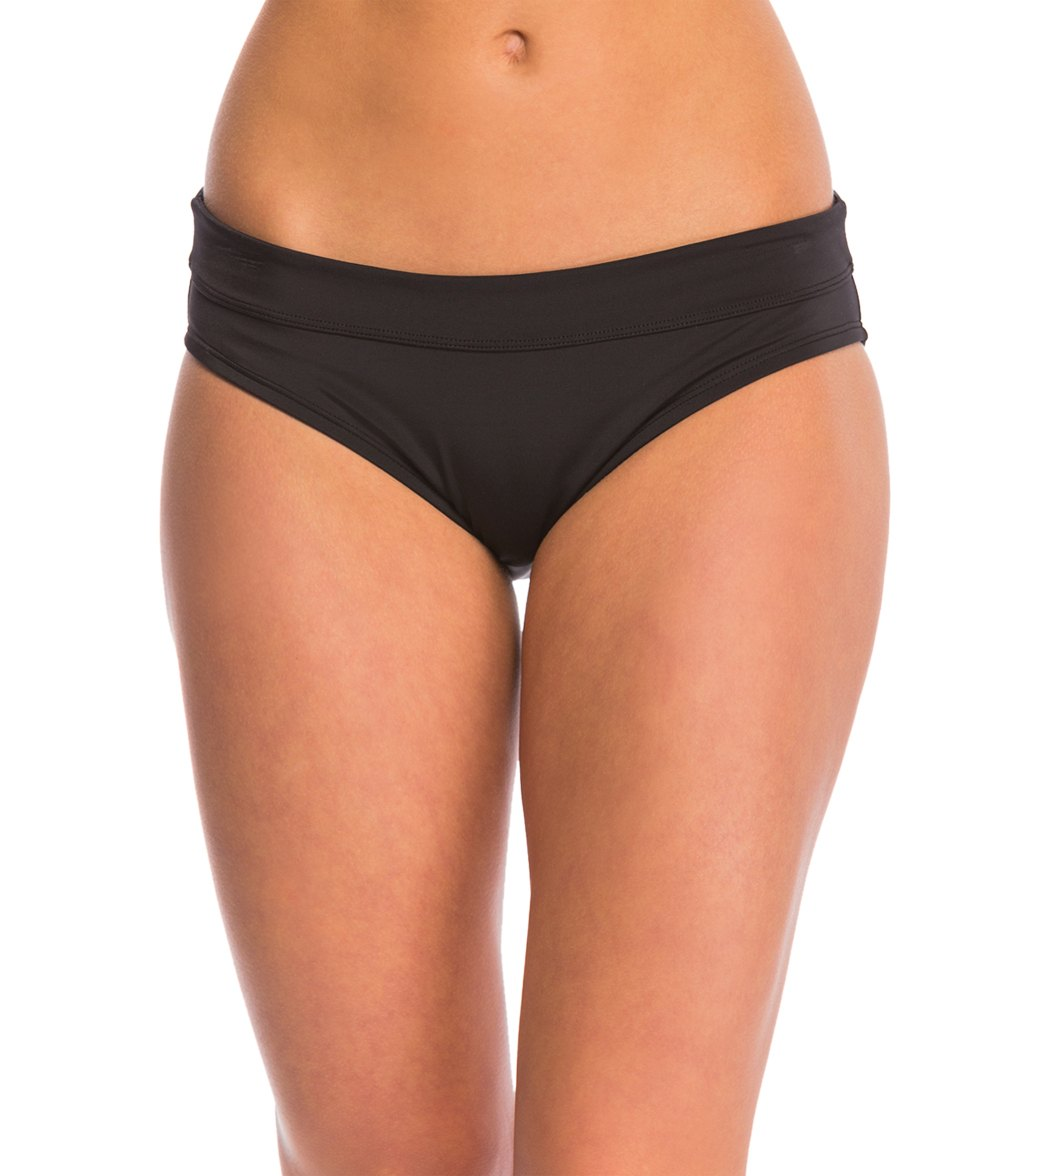 5b143e4d87a Nike Women's Core Solid Hipster Bikini Bottom